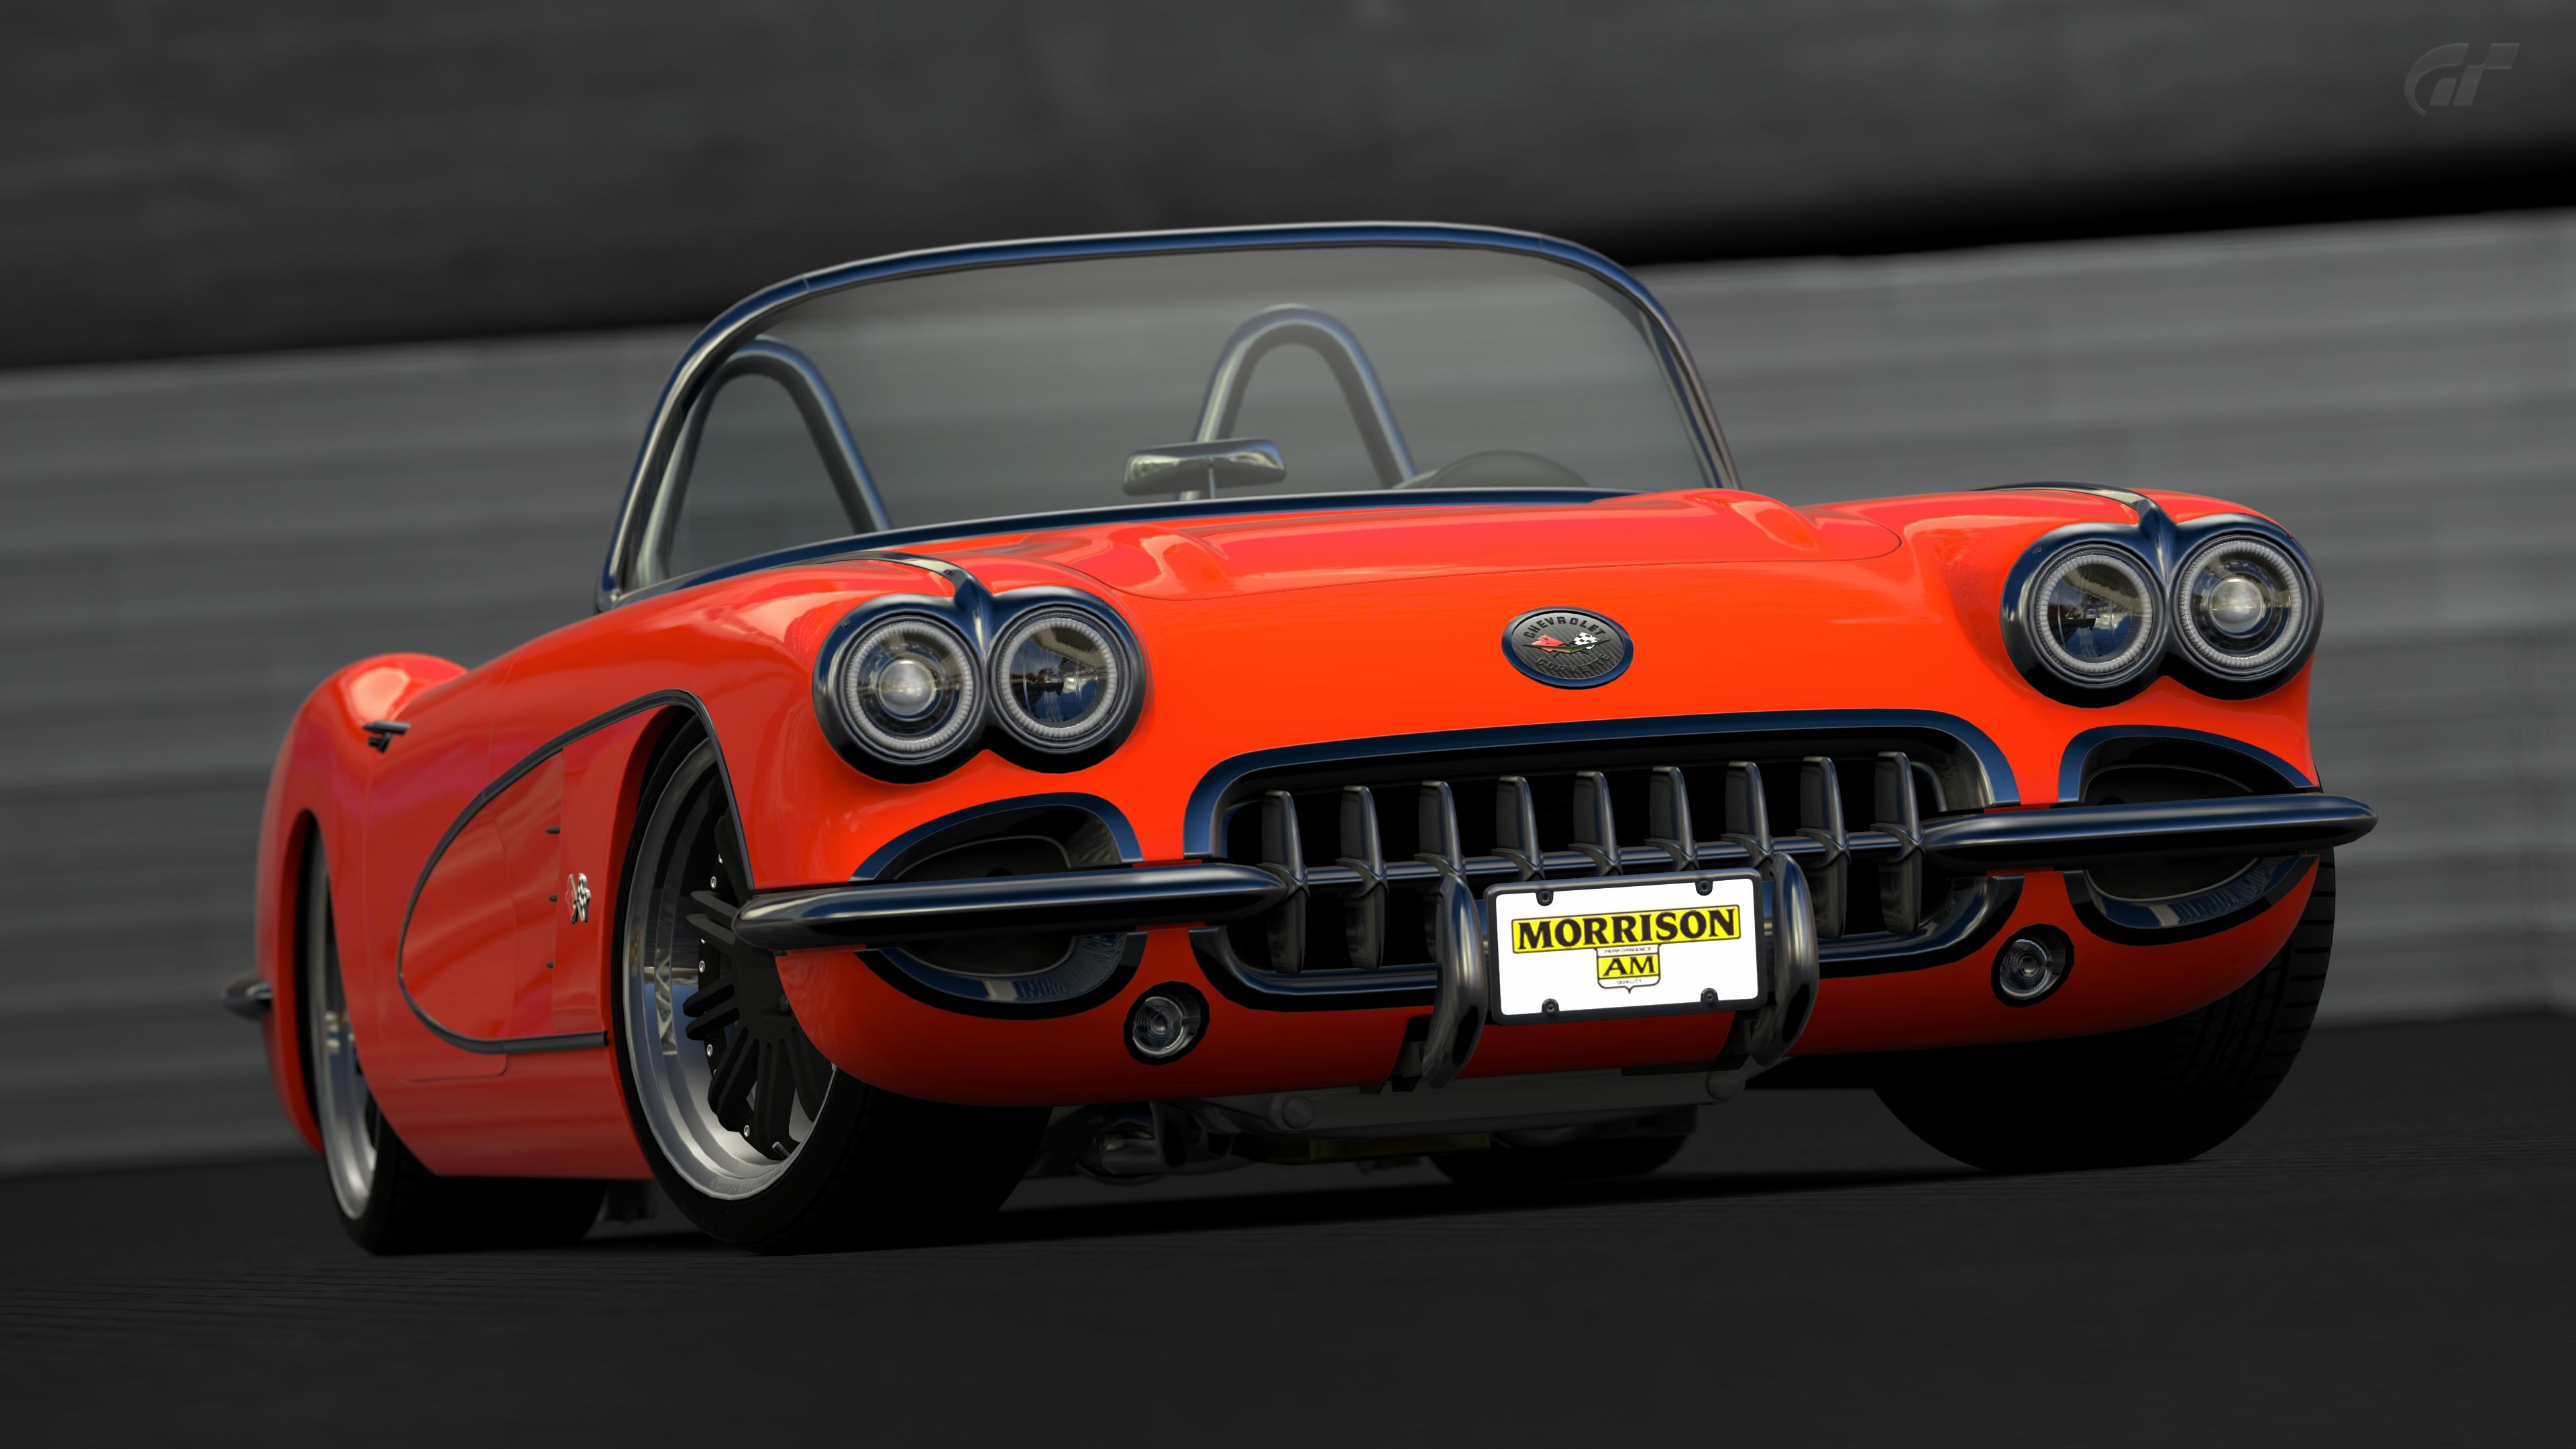 Art Morrison 1960 Chevrolet Corvette By Vertualissimo On